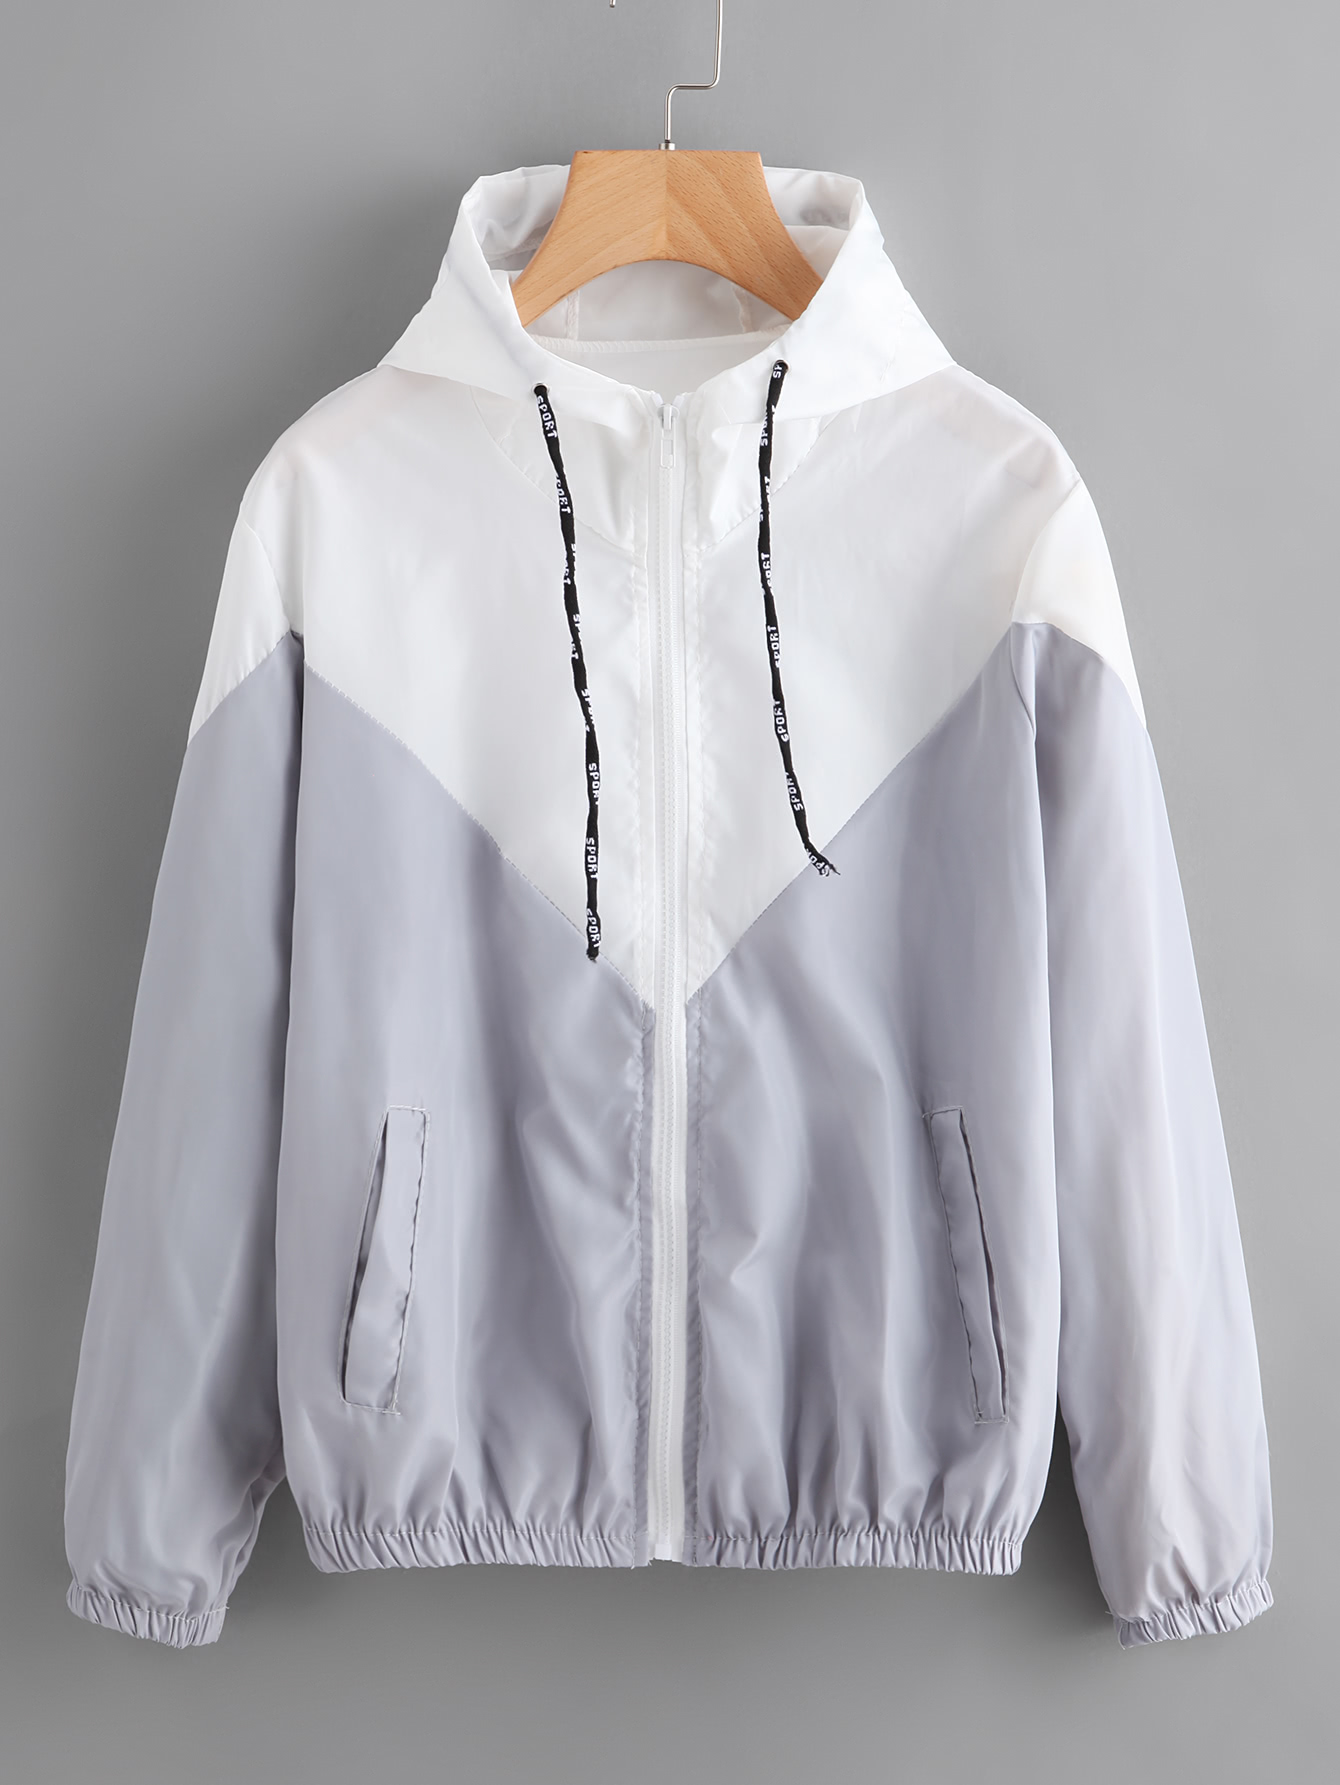 Купить Видспорта Контрастный Серый Жакеты + Куртки, null, SheIn